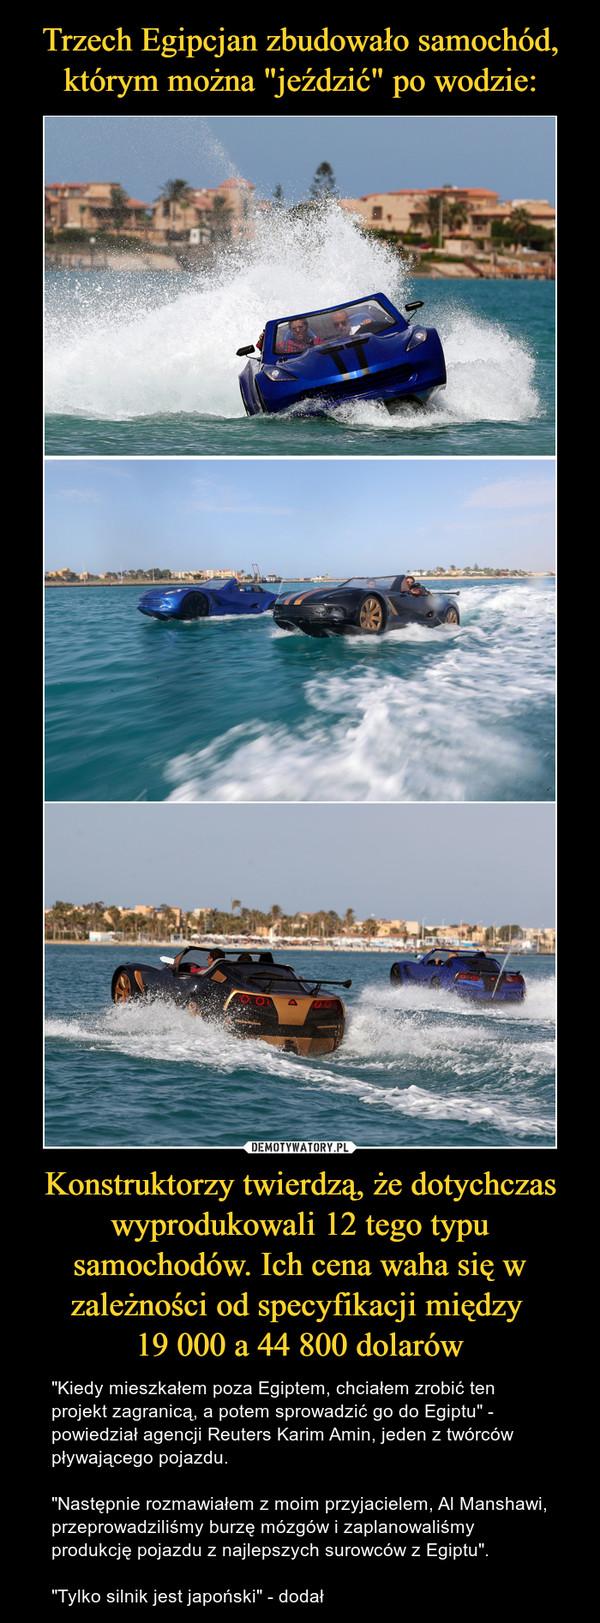 """Trzech Egipcjan zbudowało samochód, którym można """"jeździć"""" po wodzie: Konstruktorzy twierdzą, że dotychczas wyprodukowali 12 tego typu samochodów. Ich cena waha się w zależności od specyfikacji między  19 000 a 44 800 dolarów"""